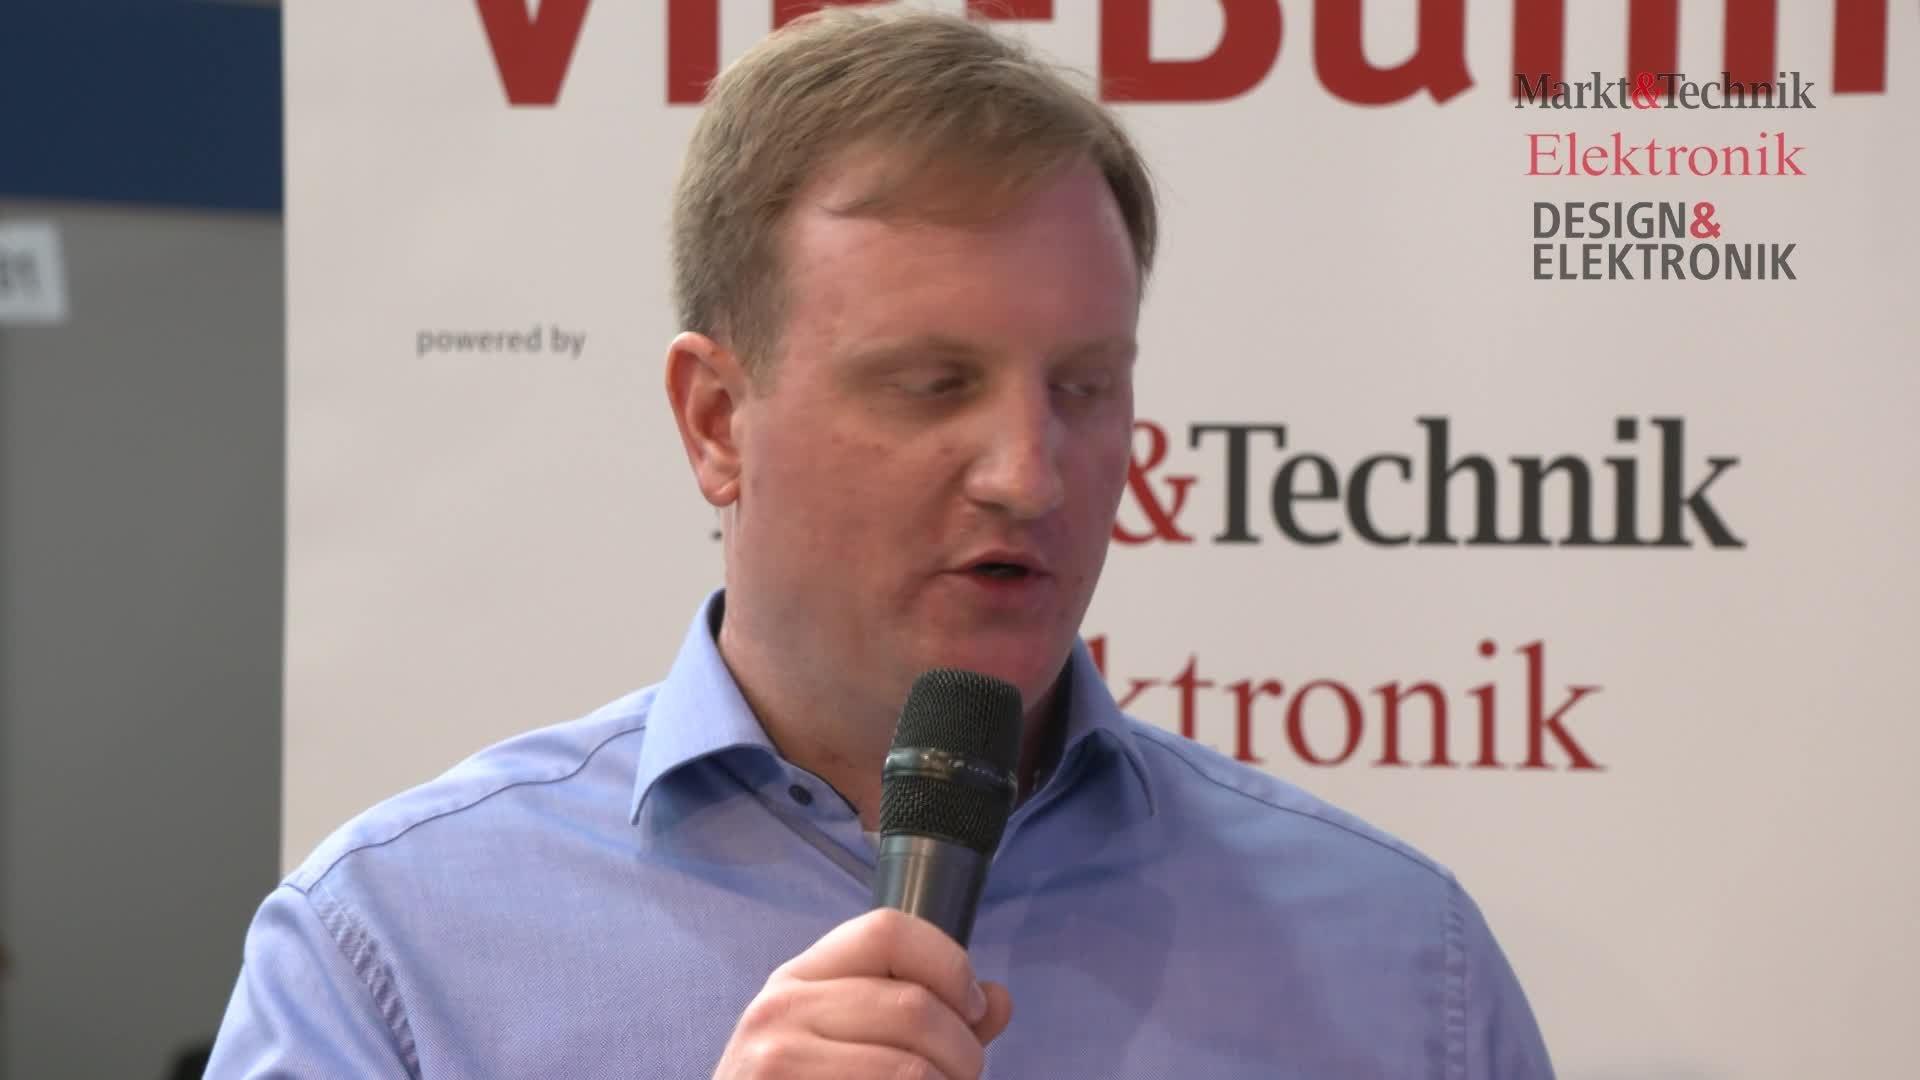 VIP-Bühne: Ingenieure als Startup-Gründer